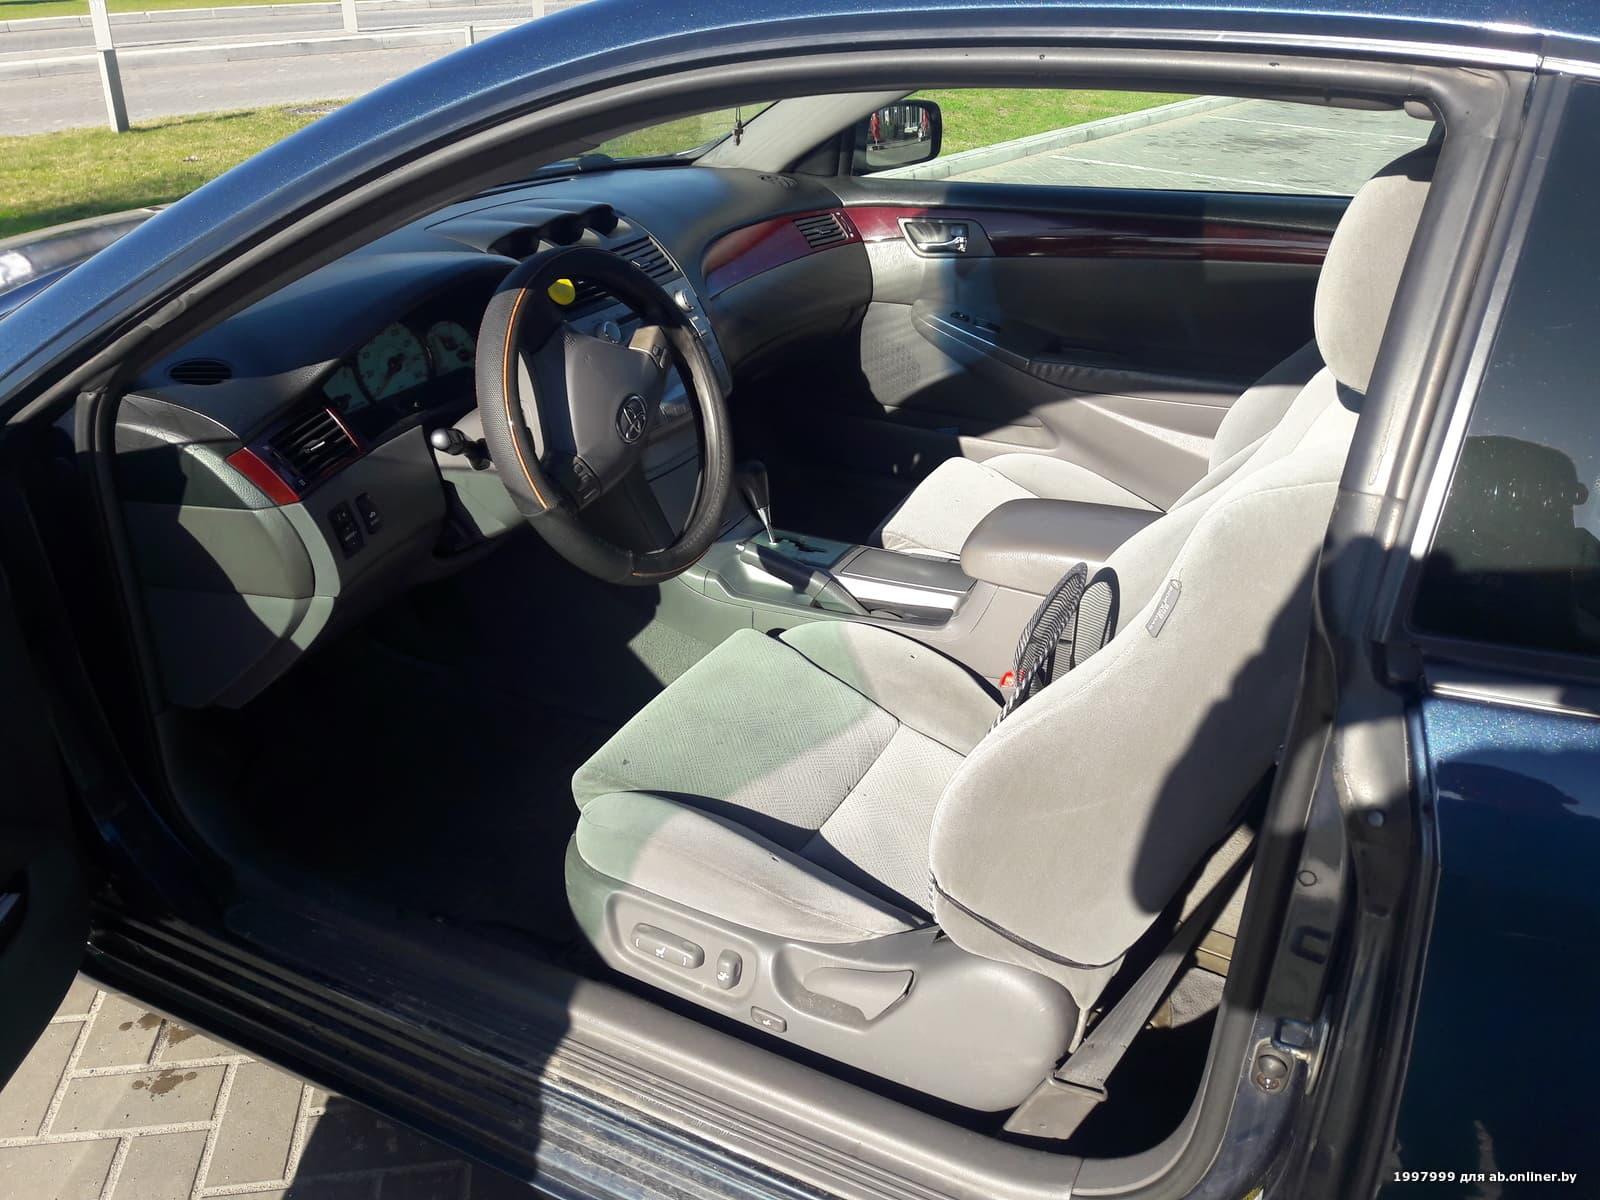 Toyota Solara SLE